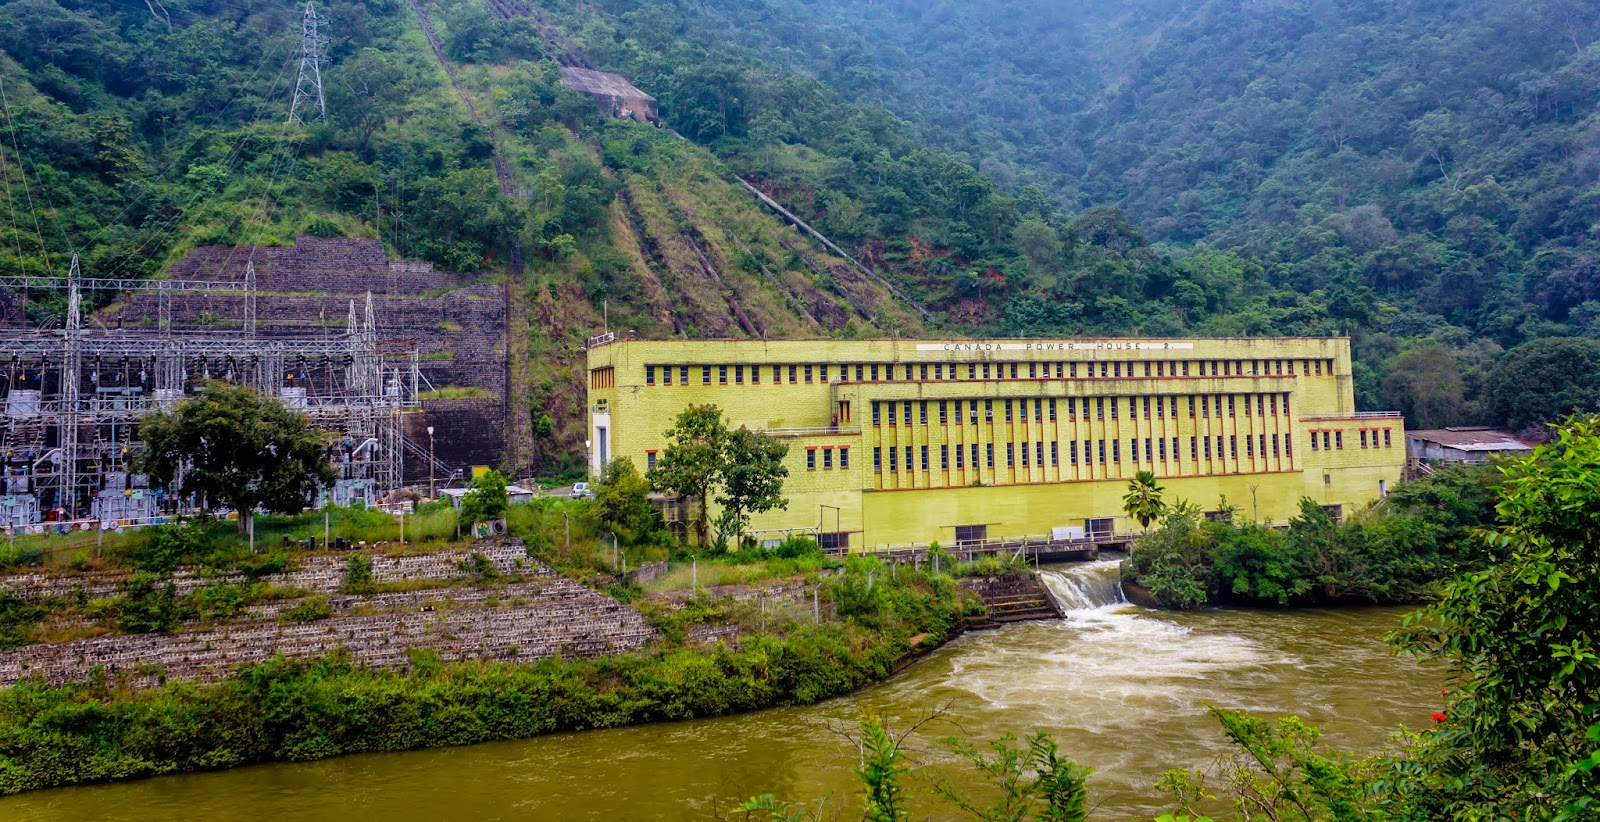 Canada hydro power plant